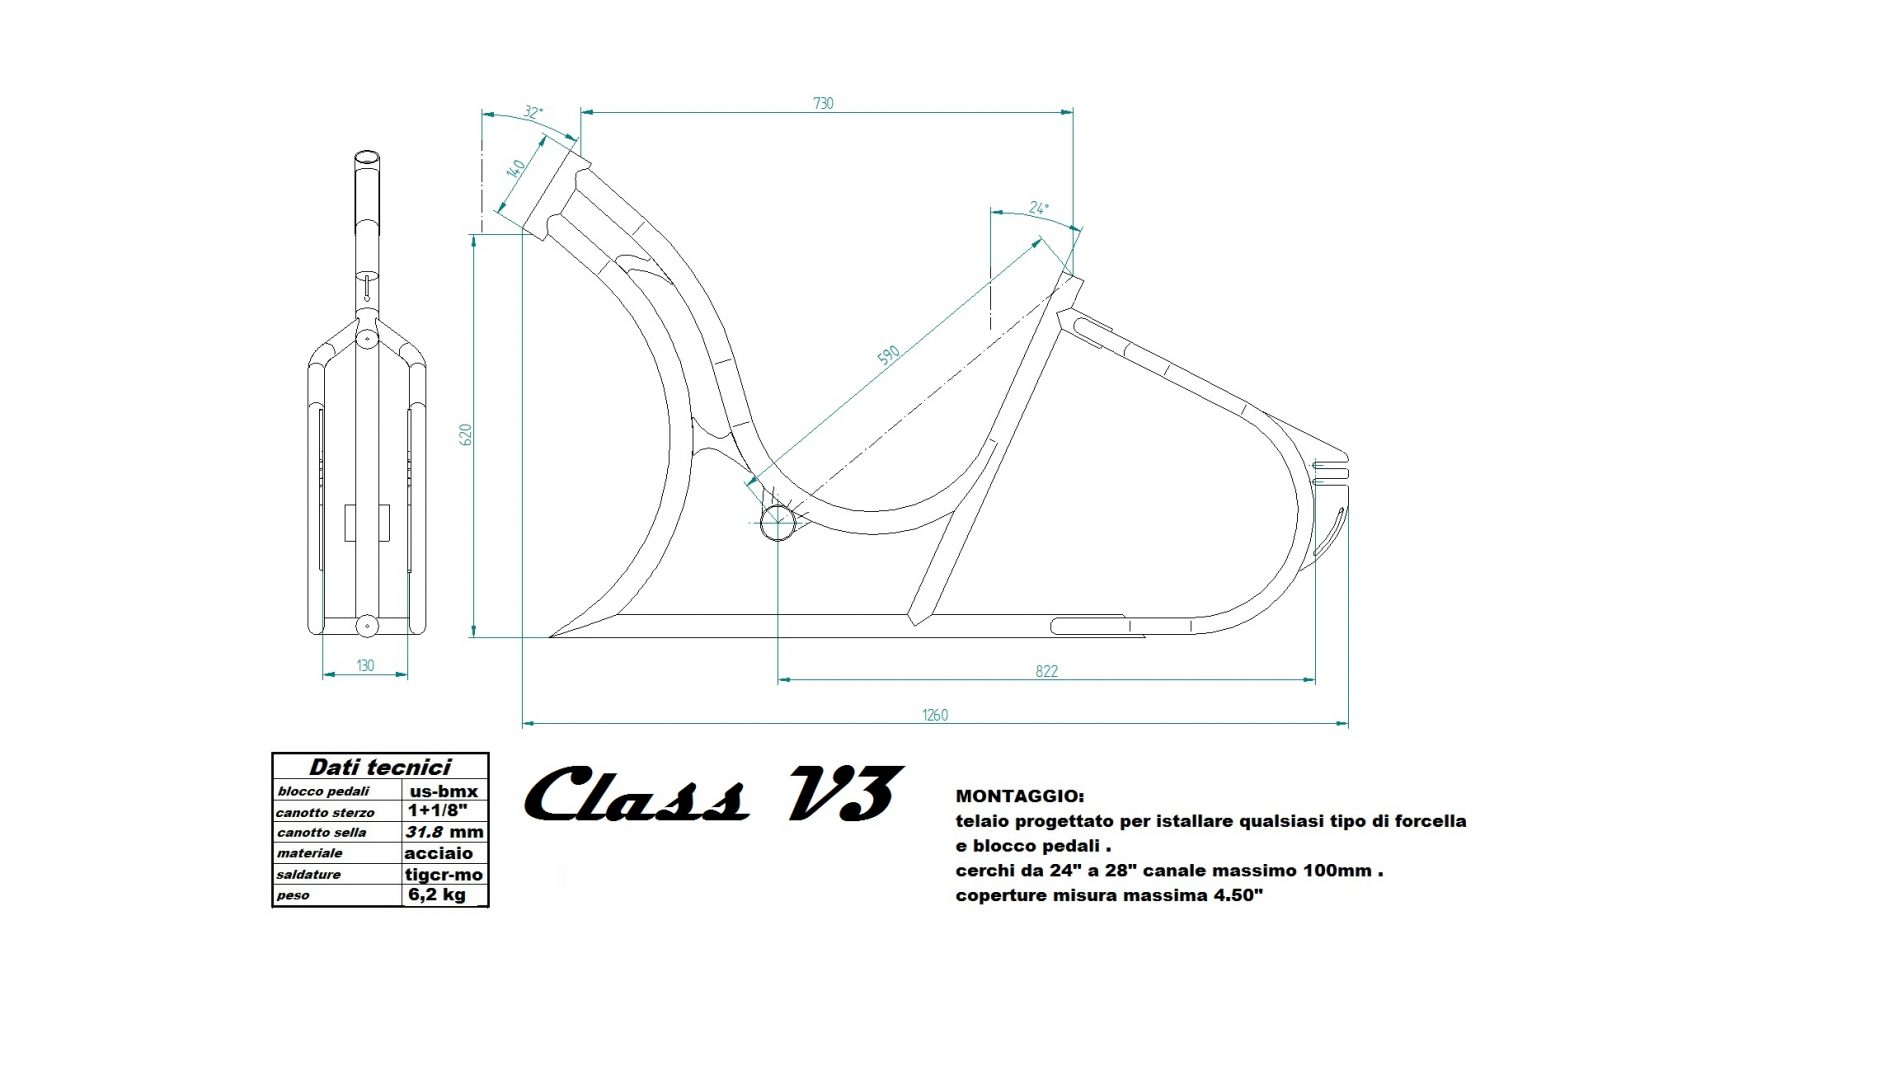 TEALIO CLASS V3 QUOTATO PER home sito